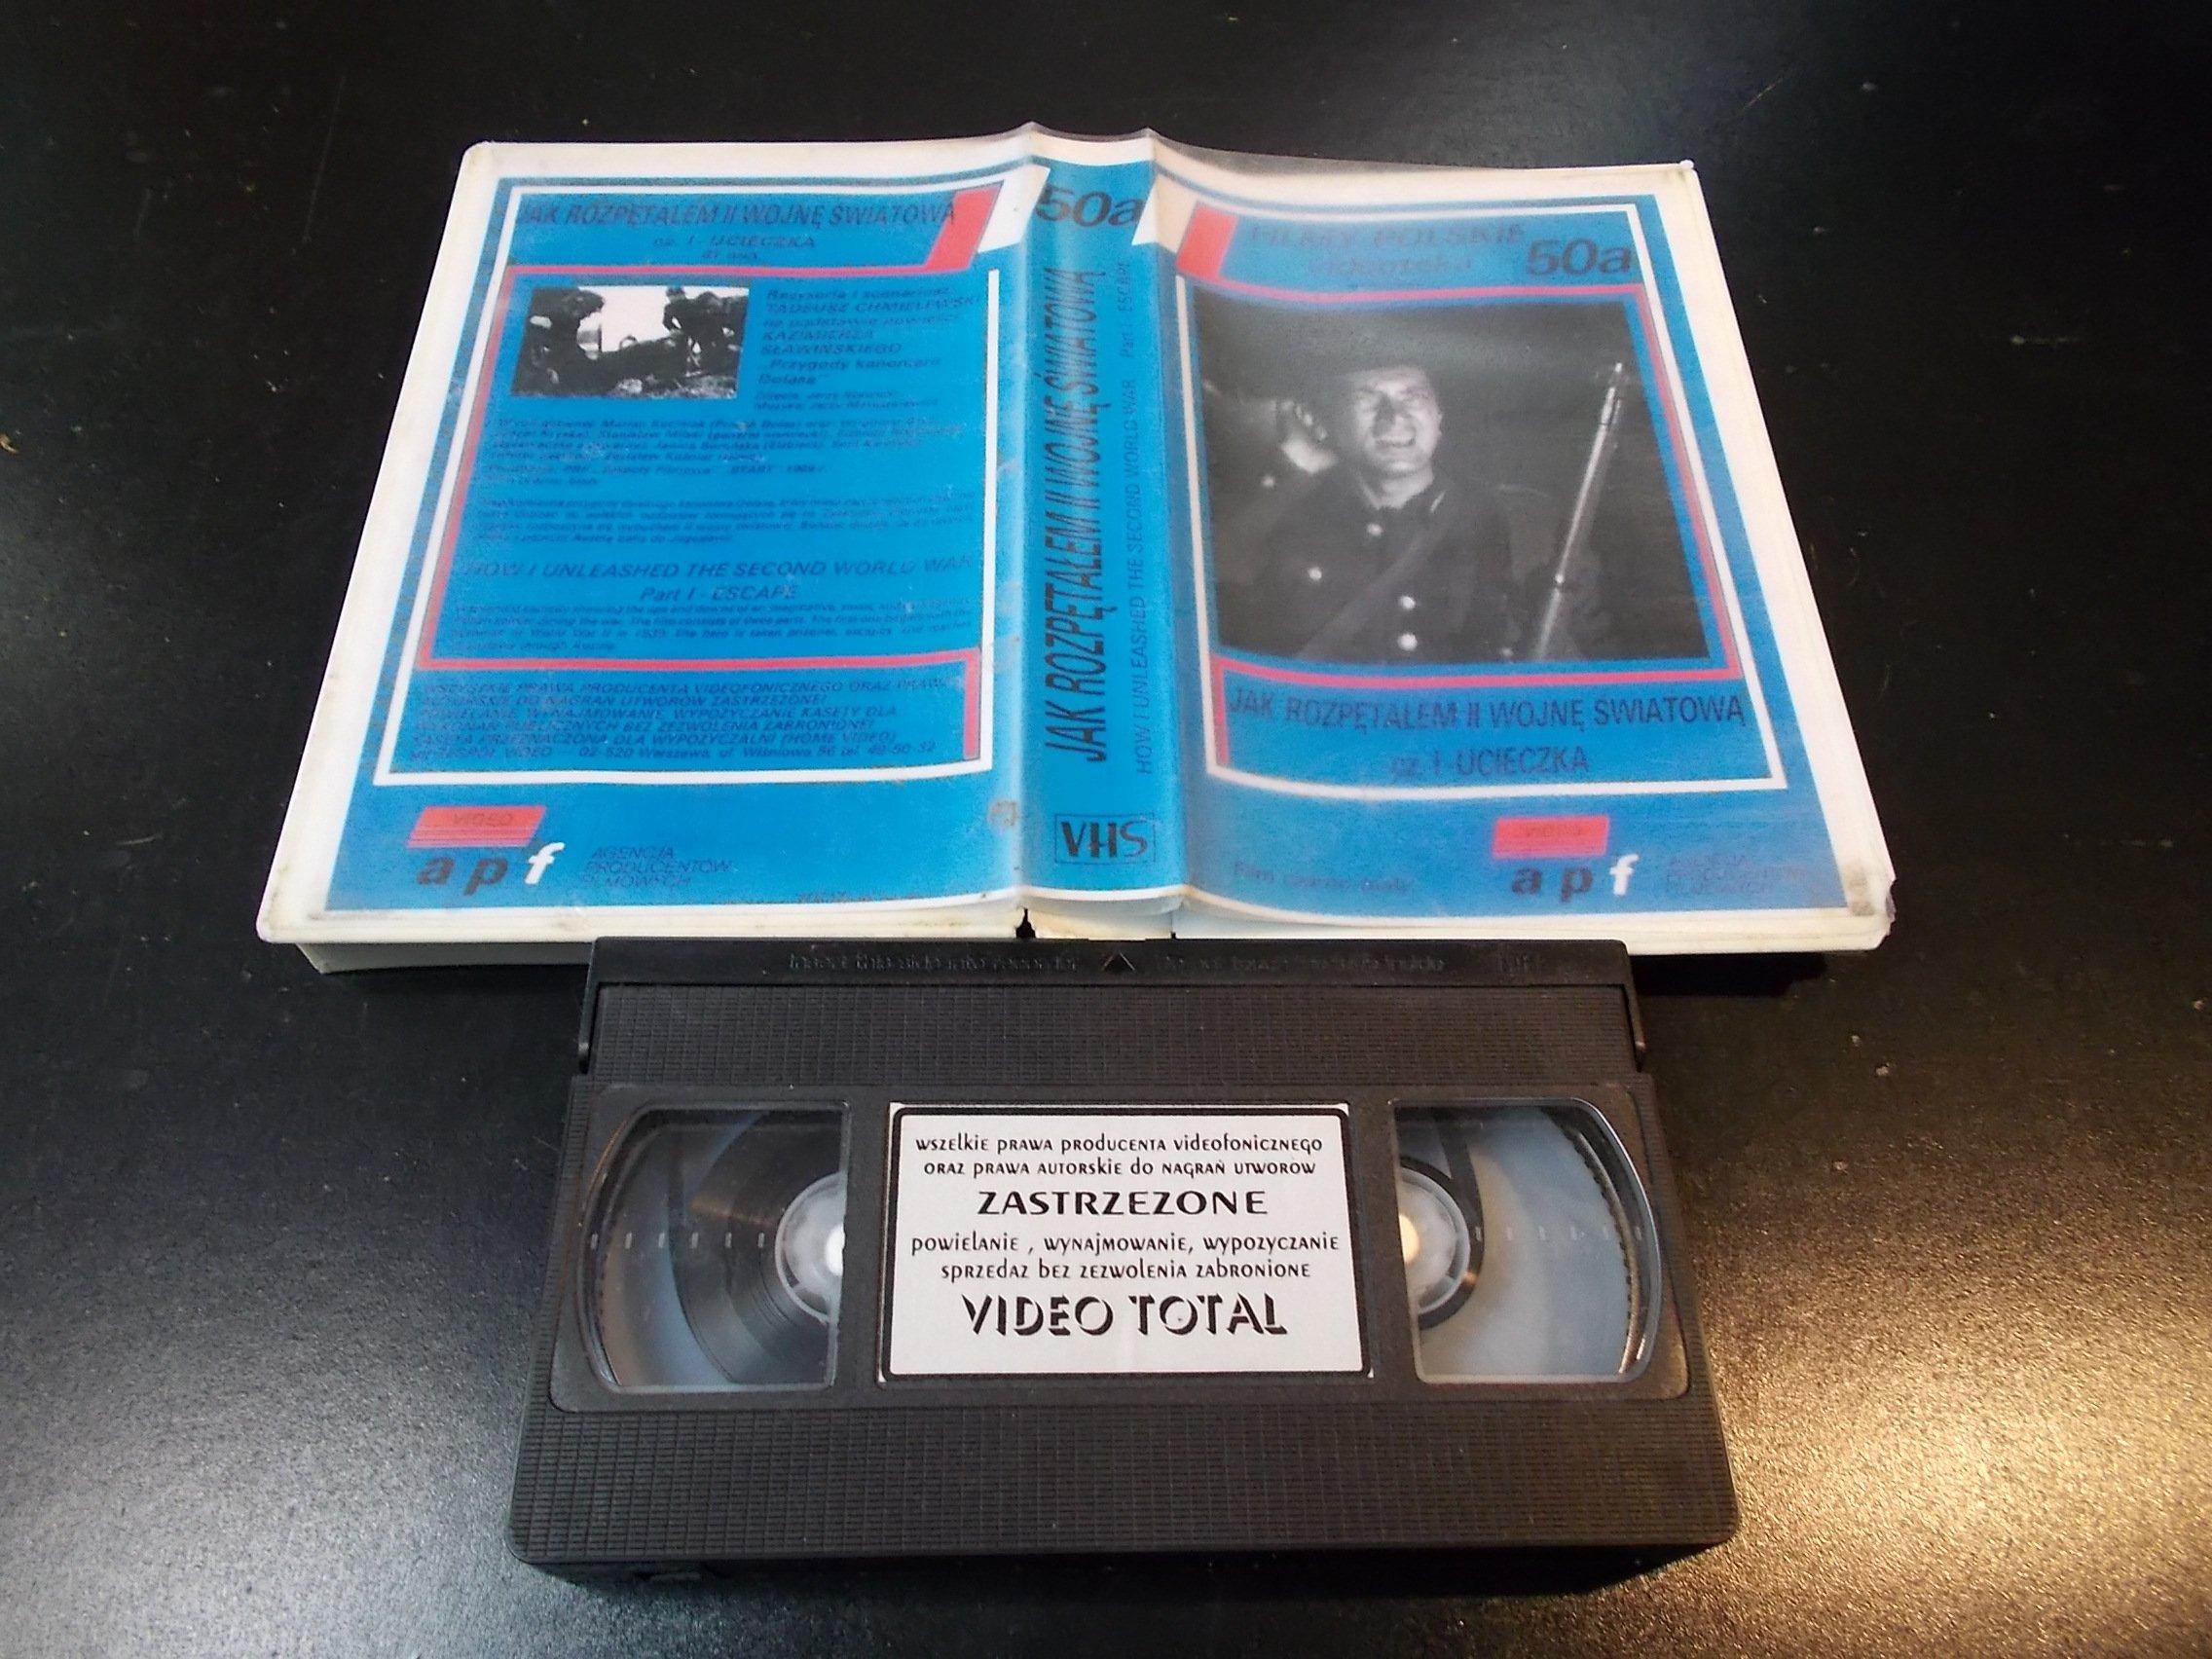 JAK ROZPENTAŁEM 2 WOJNĘ ŚWIATOWĄ cz.1 UCIECZKA - kaseta Video VHS - 1354 Sklep